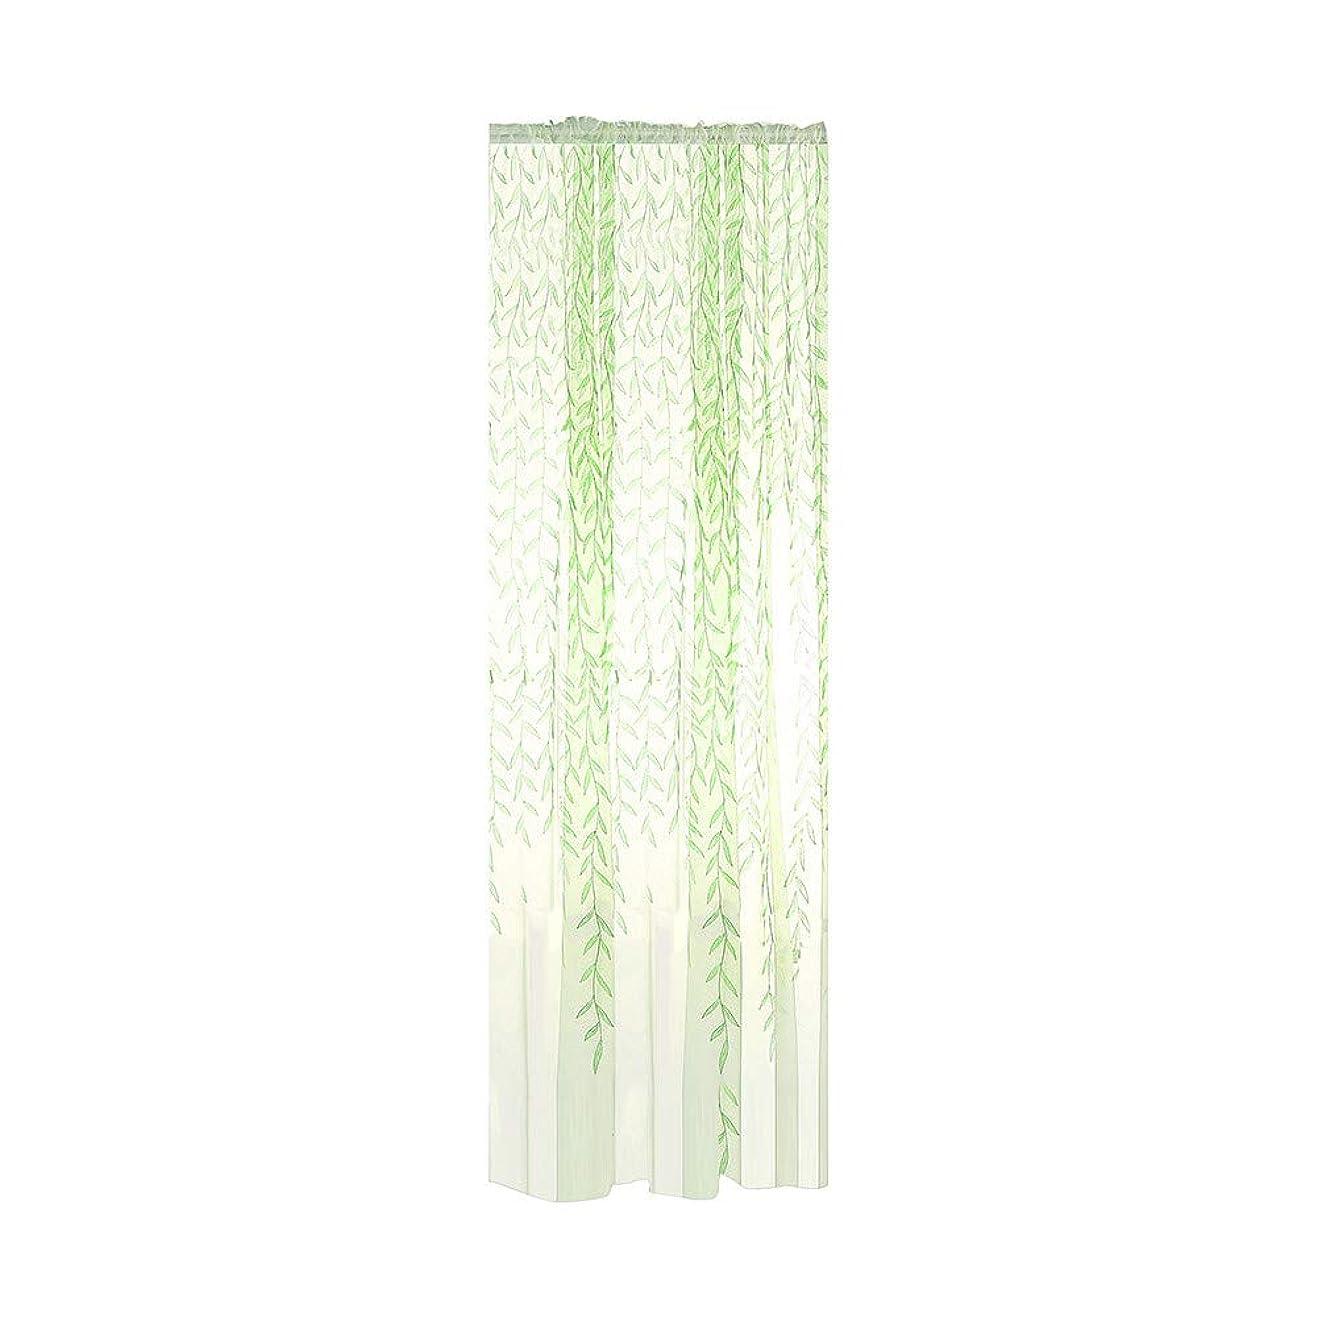 憂慮すべきバーガーピッチャーFarantasyカーテン葉薄手のカーテンチュールウィンドウトリートメントボイルドレープバランス1パネルファブリックファッションカーテン